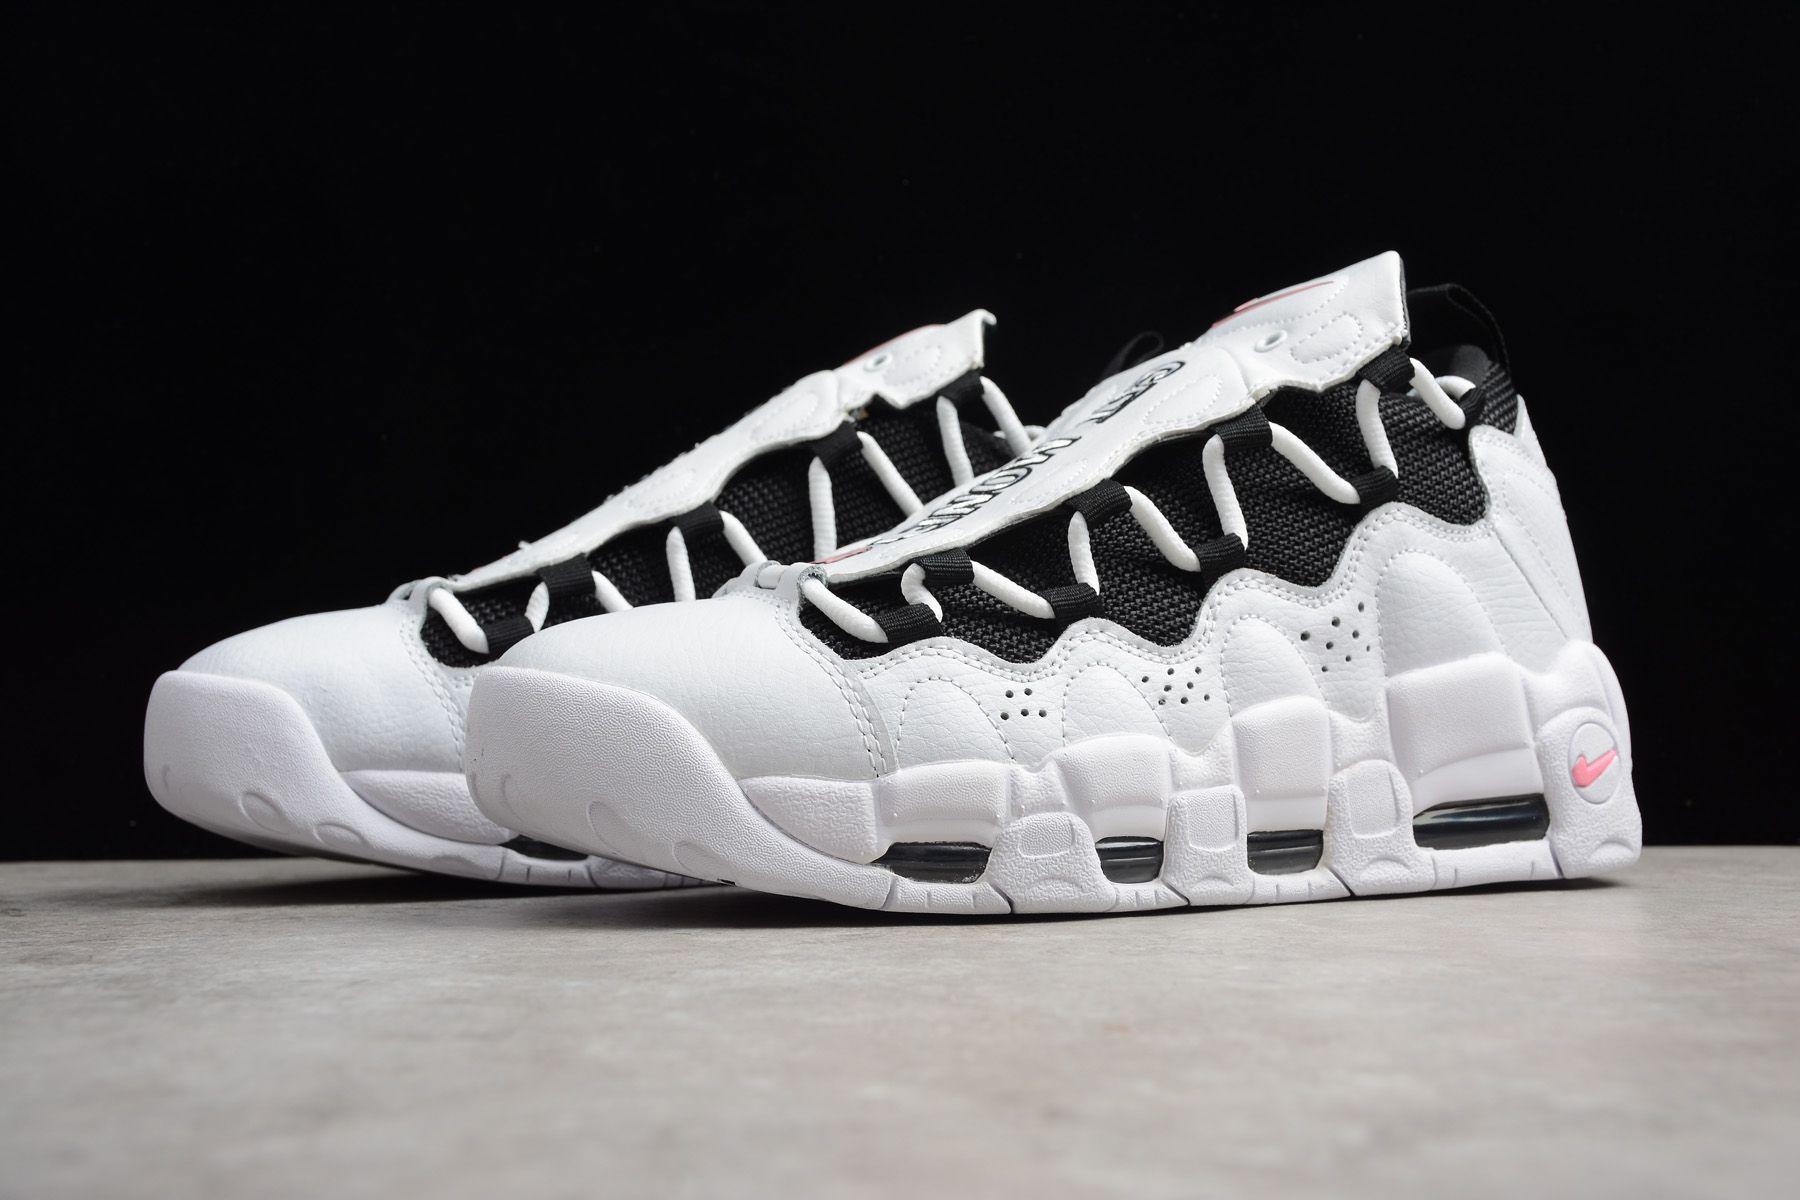 2018 Nike Air More Money White Black-Coral Chalk Men s Size AJ2998 ... 251652f40